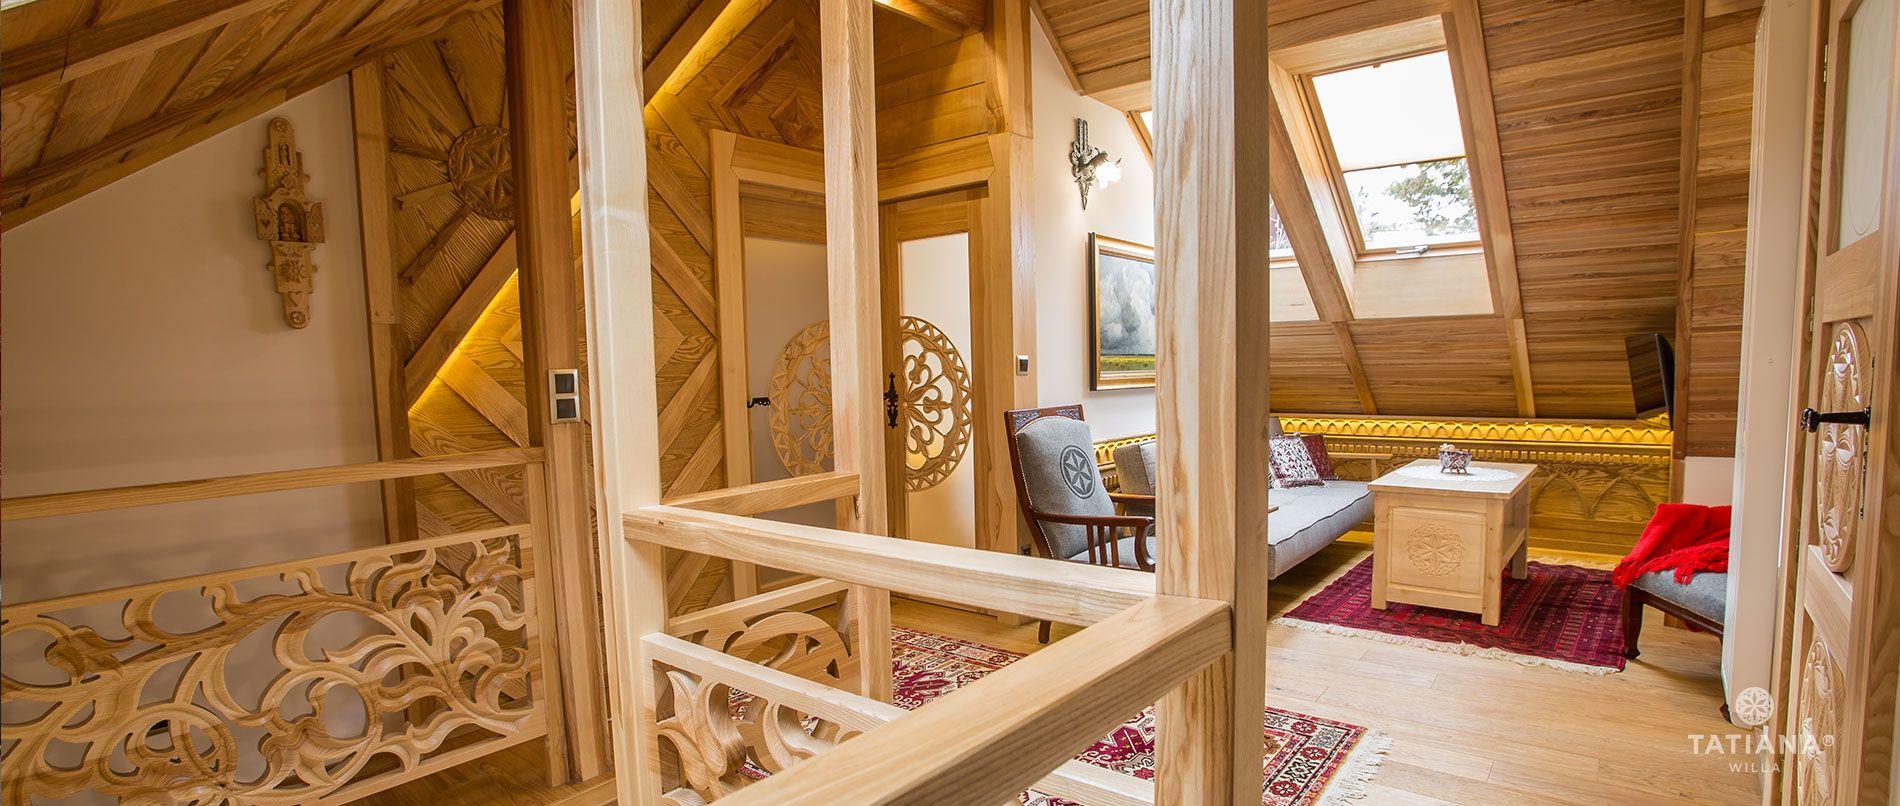 Tatra Apartment - Living room II